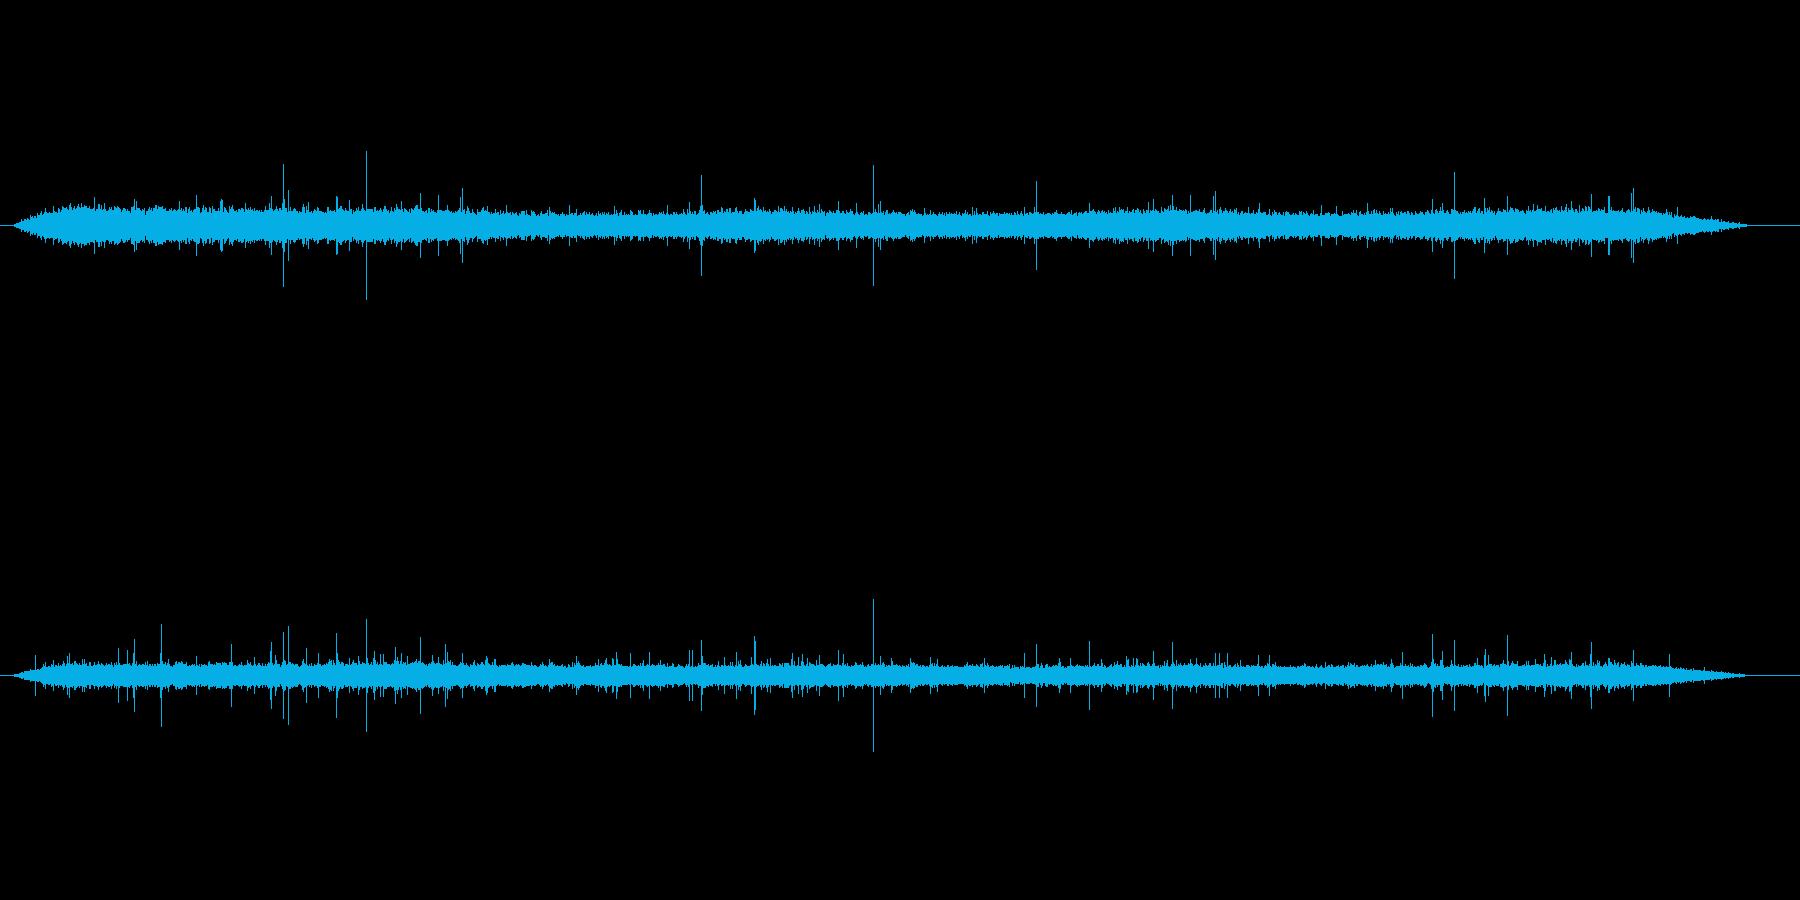 雨の音(ザー)、土砂降りの再生済みの波形